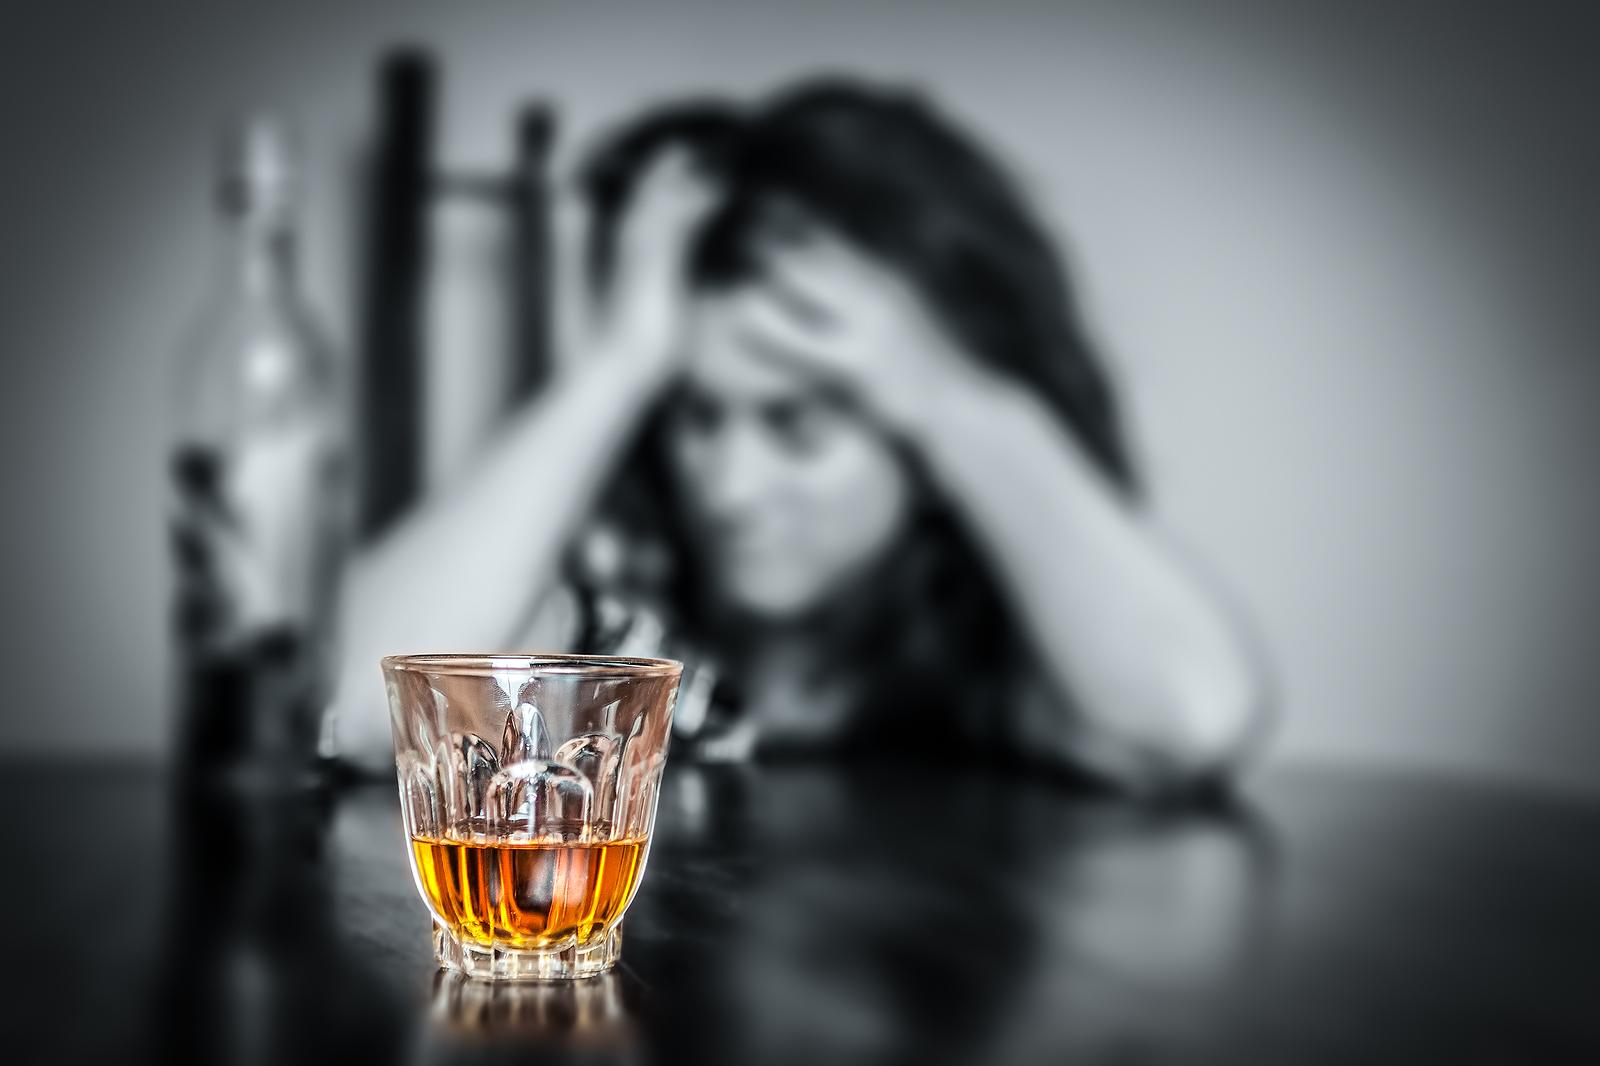 Неповнолітня іршавчанка звернулася в лікарню з симптомами алкогольного отруєння